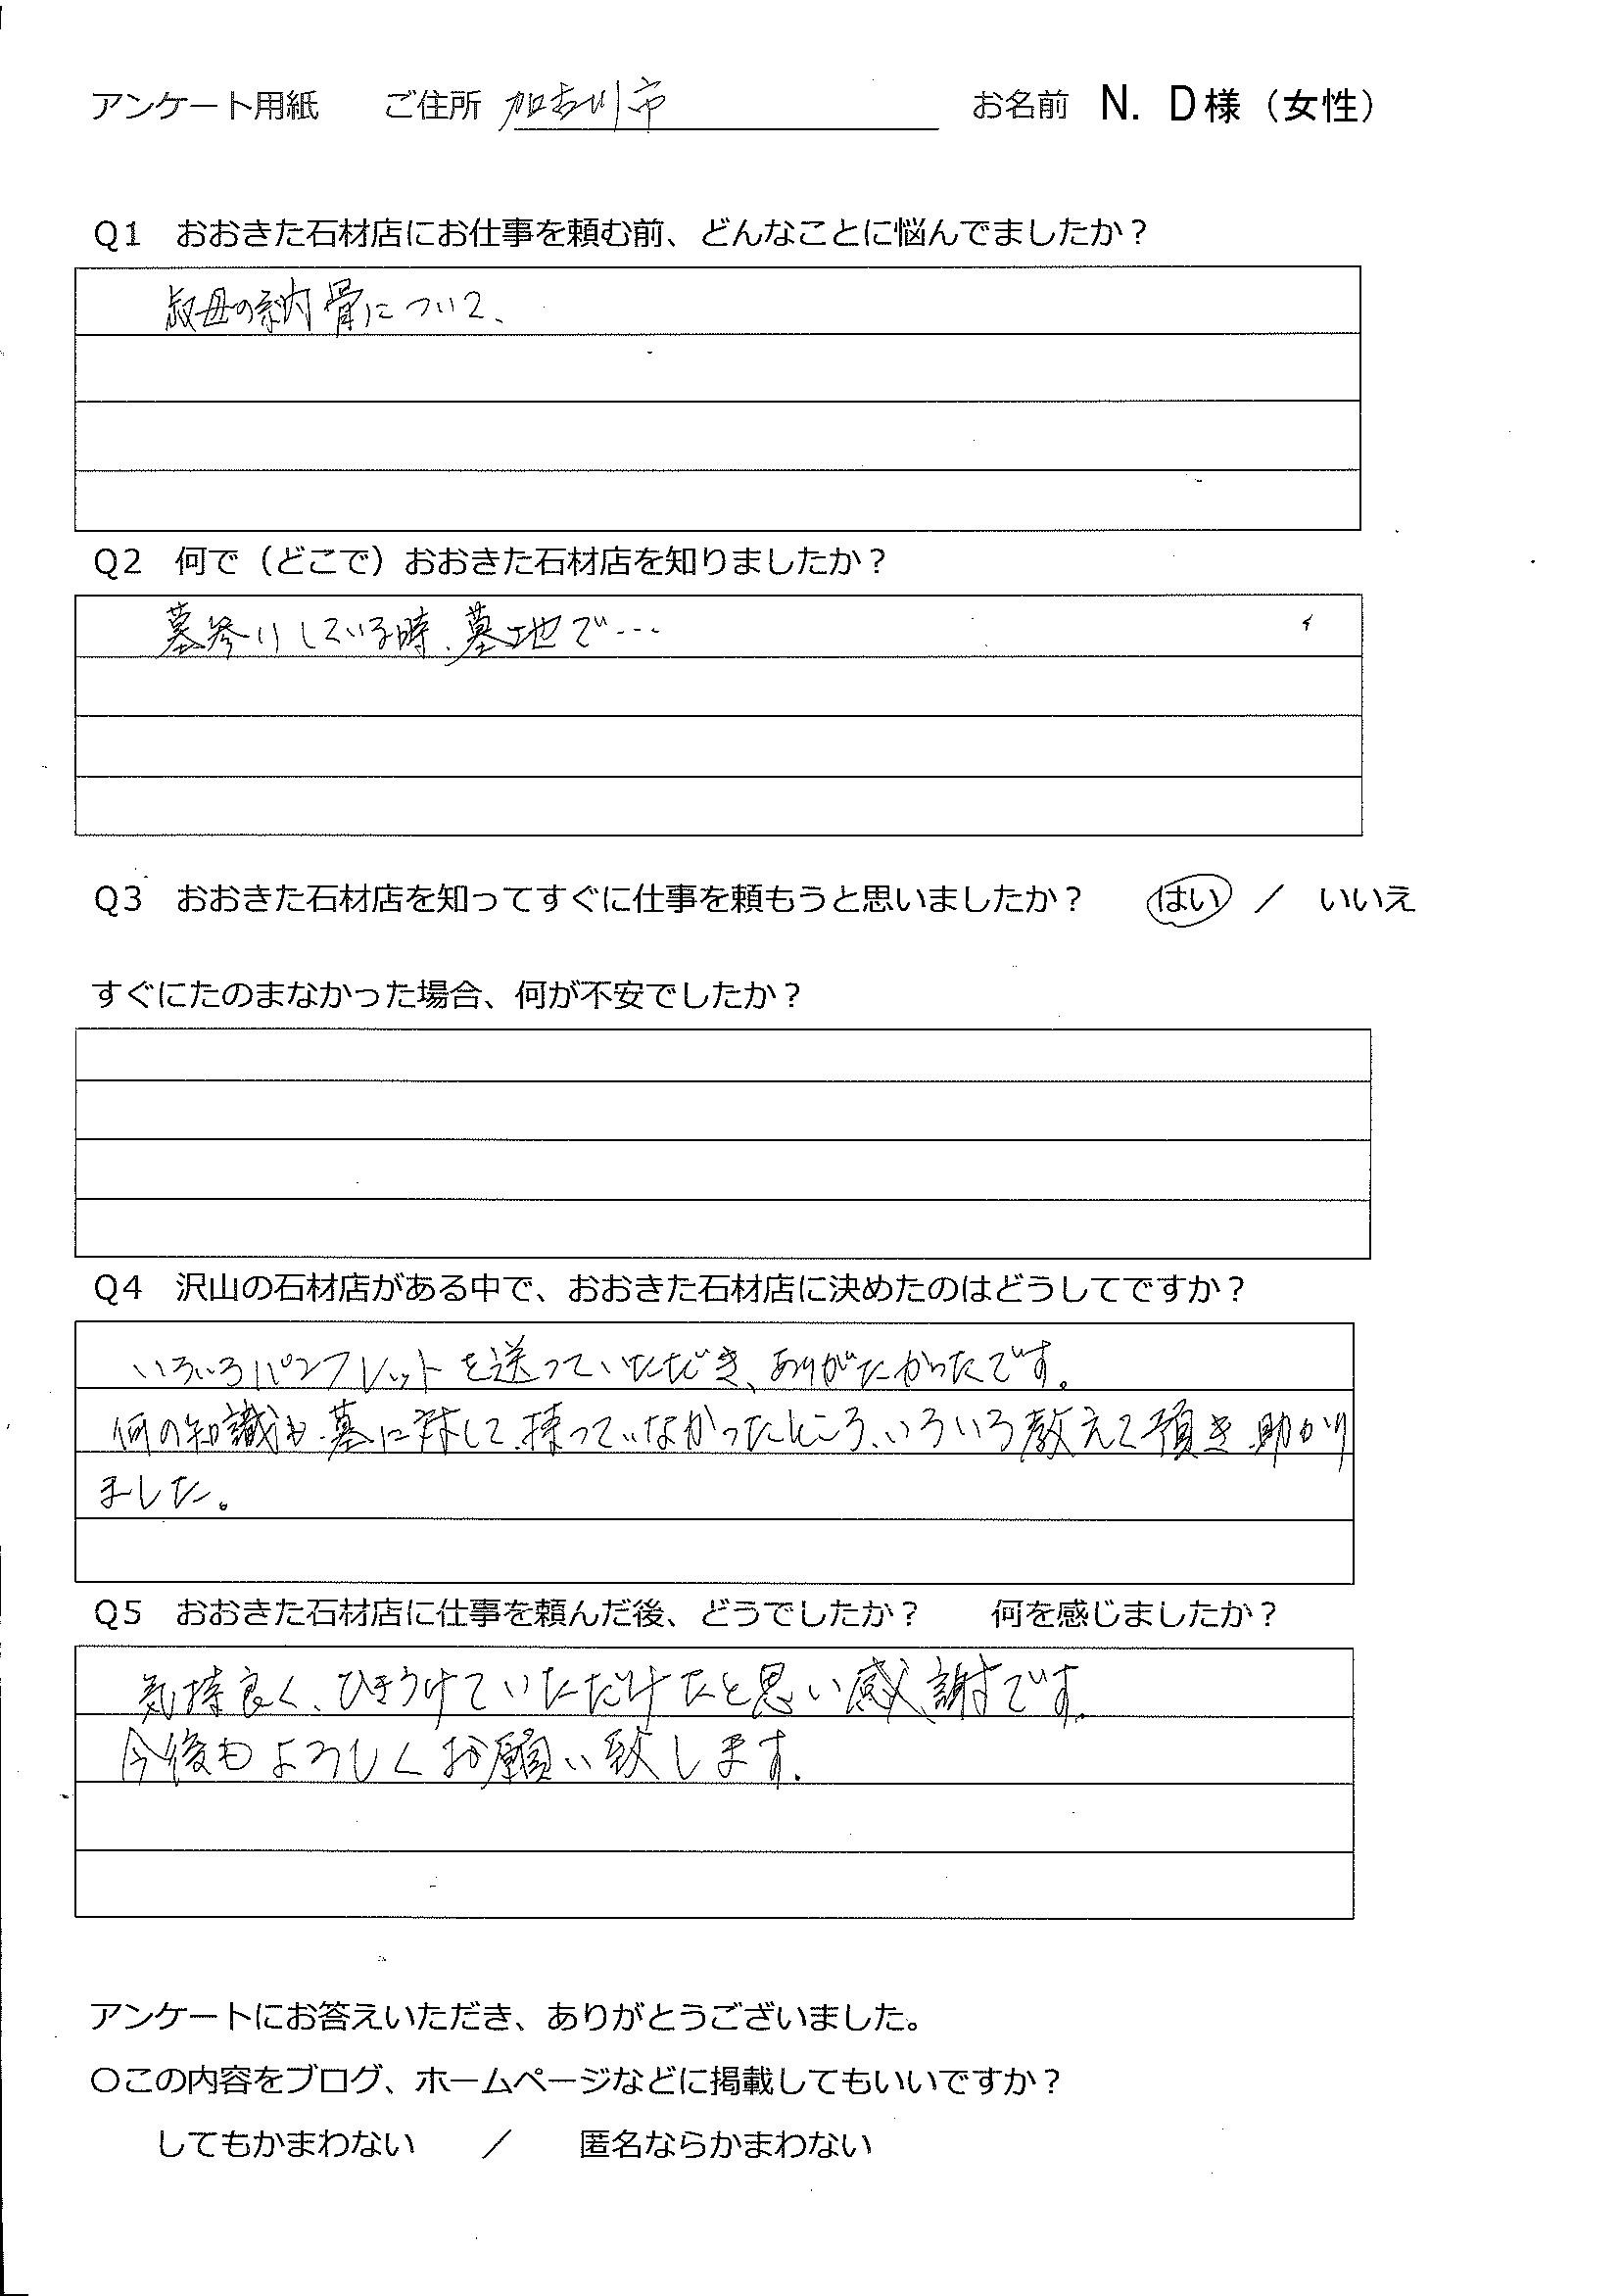 2018-09堂垣さん(竹中家)